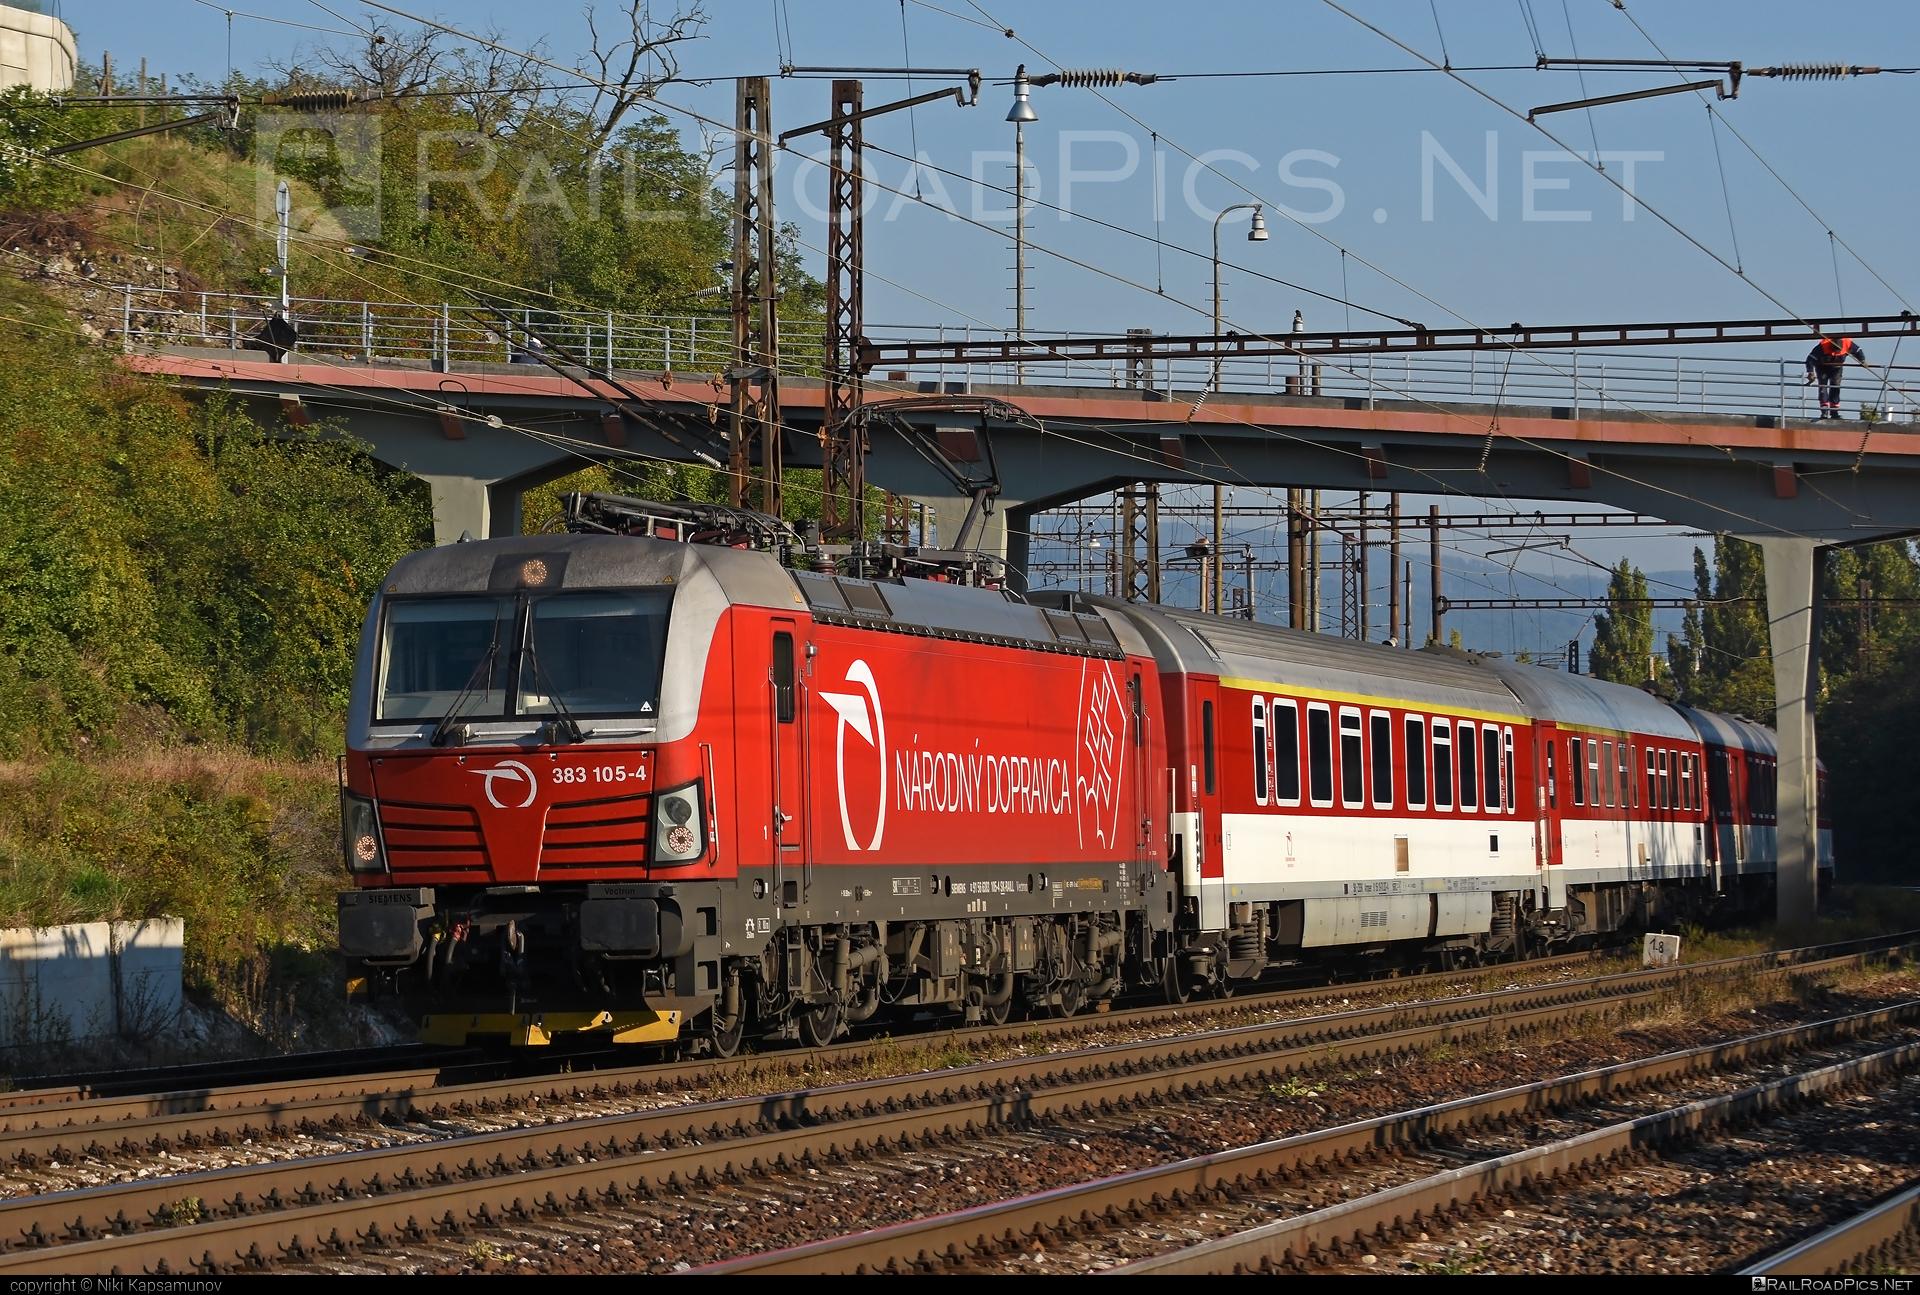 Siemens Vectron MS - 383 105-4 operated by Železničná Spoločnost' Slovensko, a.s. #SRailLease #SRailLeaseSro #ZeleznicnaSpolocnostSlovensko #raill #siemens #siemensvectron #siemensvectronms #vectron #vectronms #zssk